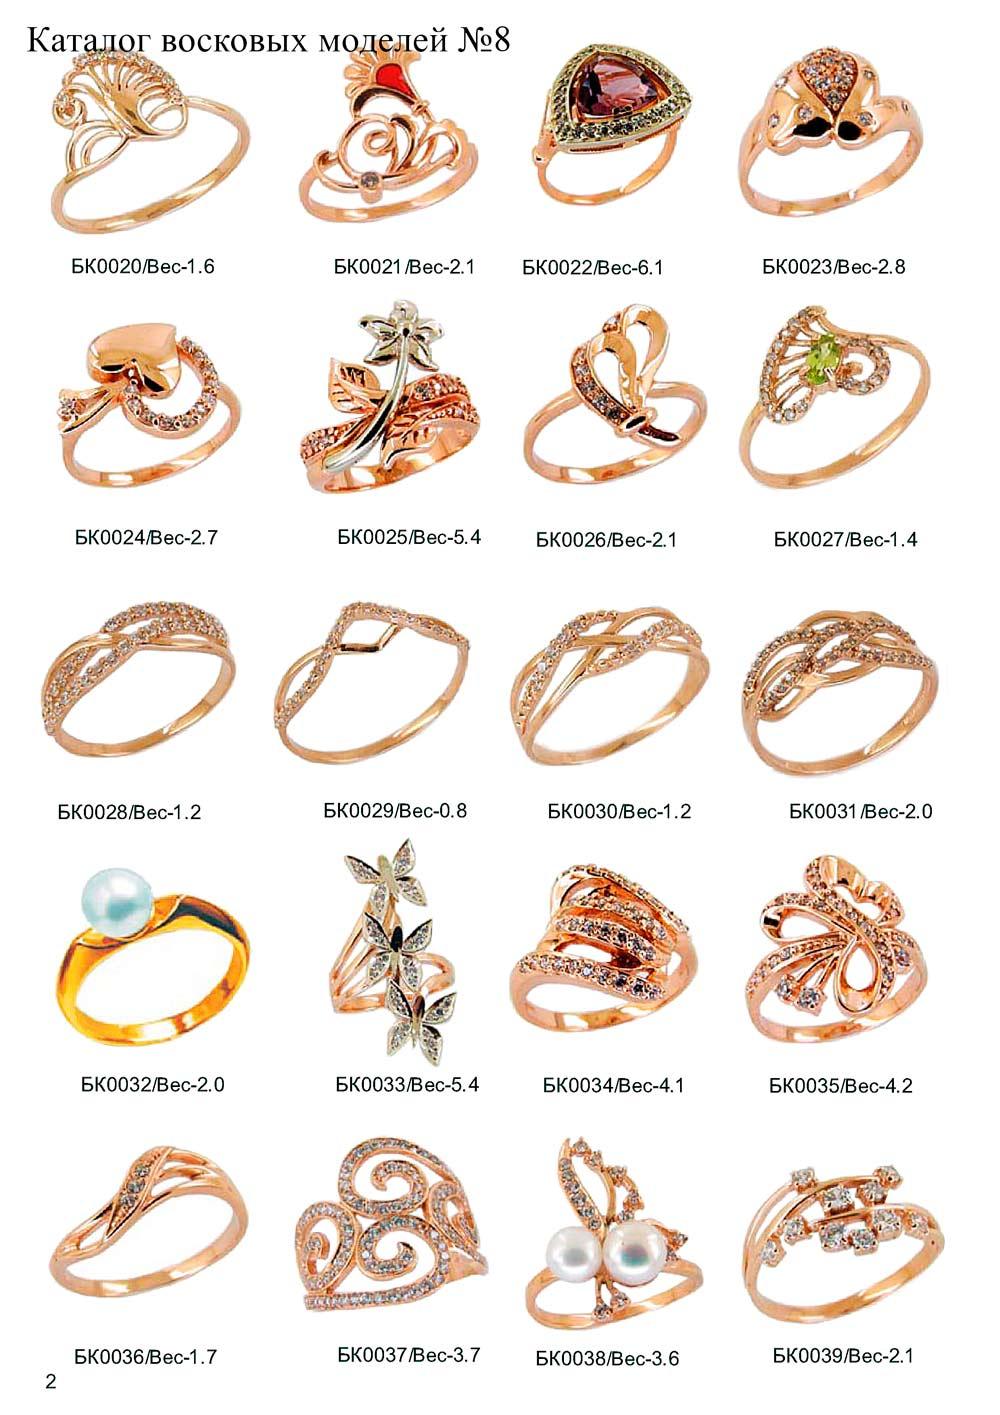 rings103